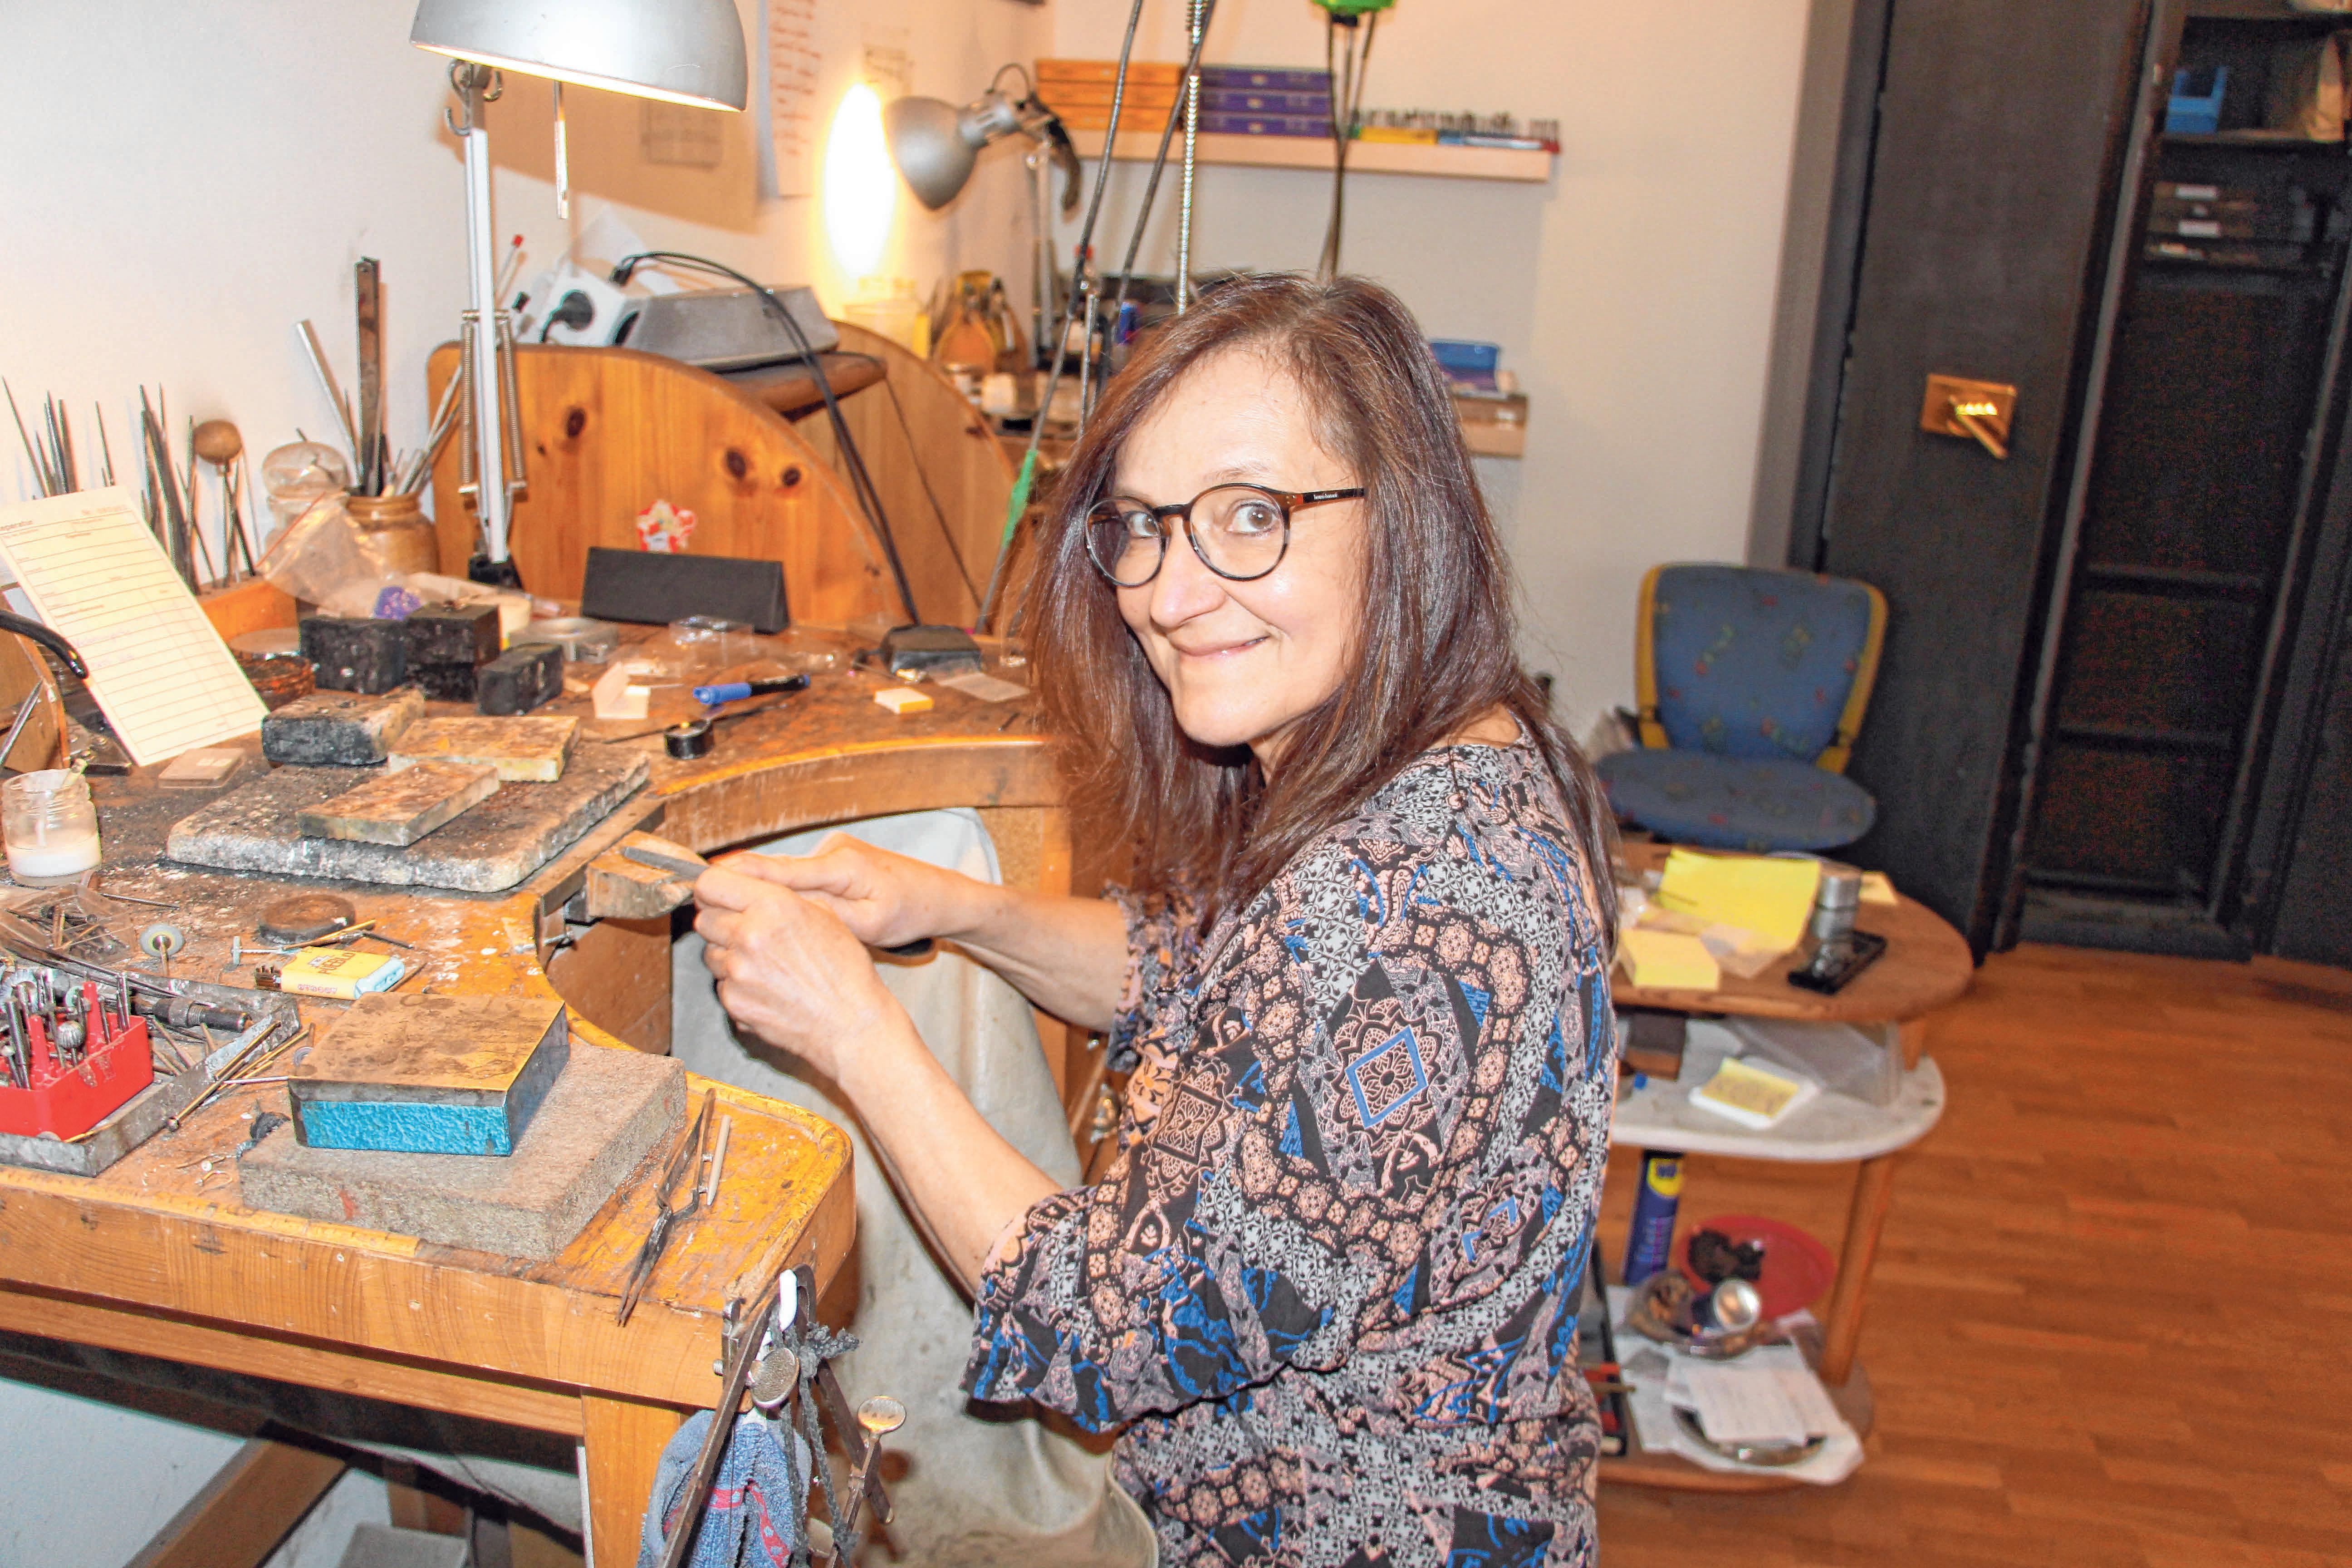 Ulrike Weinl bietet ihren Kunden in ihrer Goldschmiedewerkstatt während der Coronakrise einen kontaktlosen Reparaturservice an. Außerdem versendet sie Gutscheine. Foto: Schmid